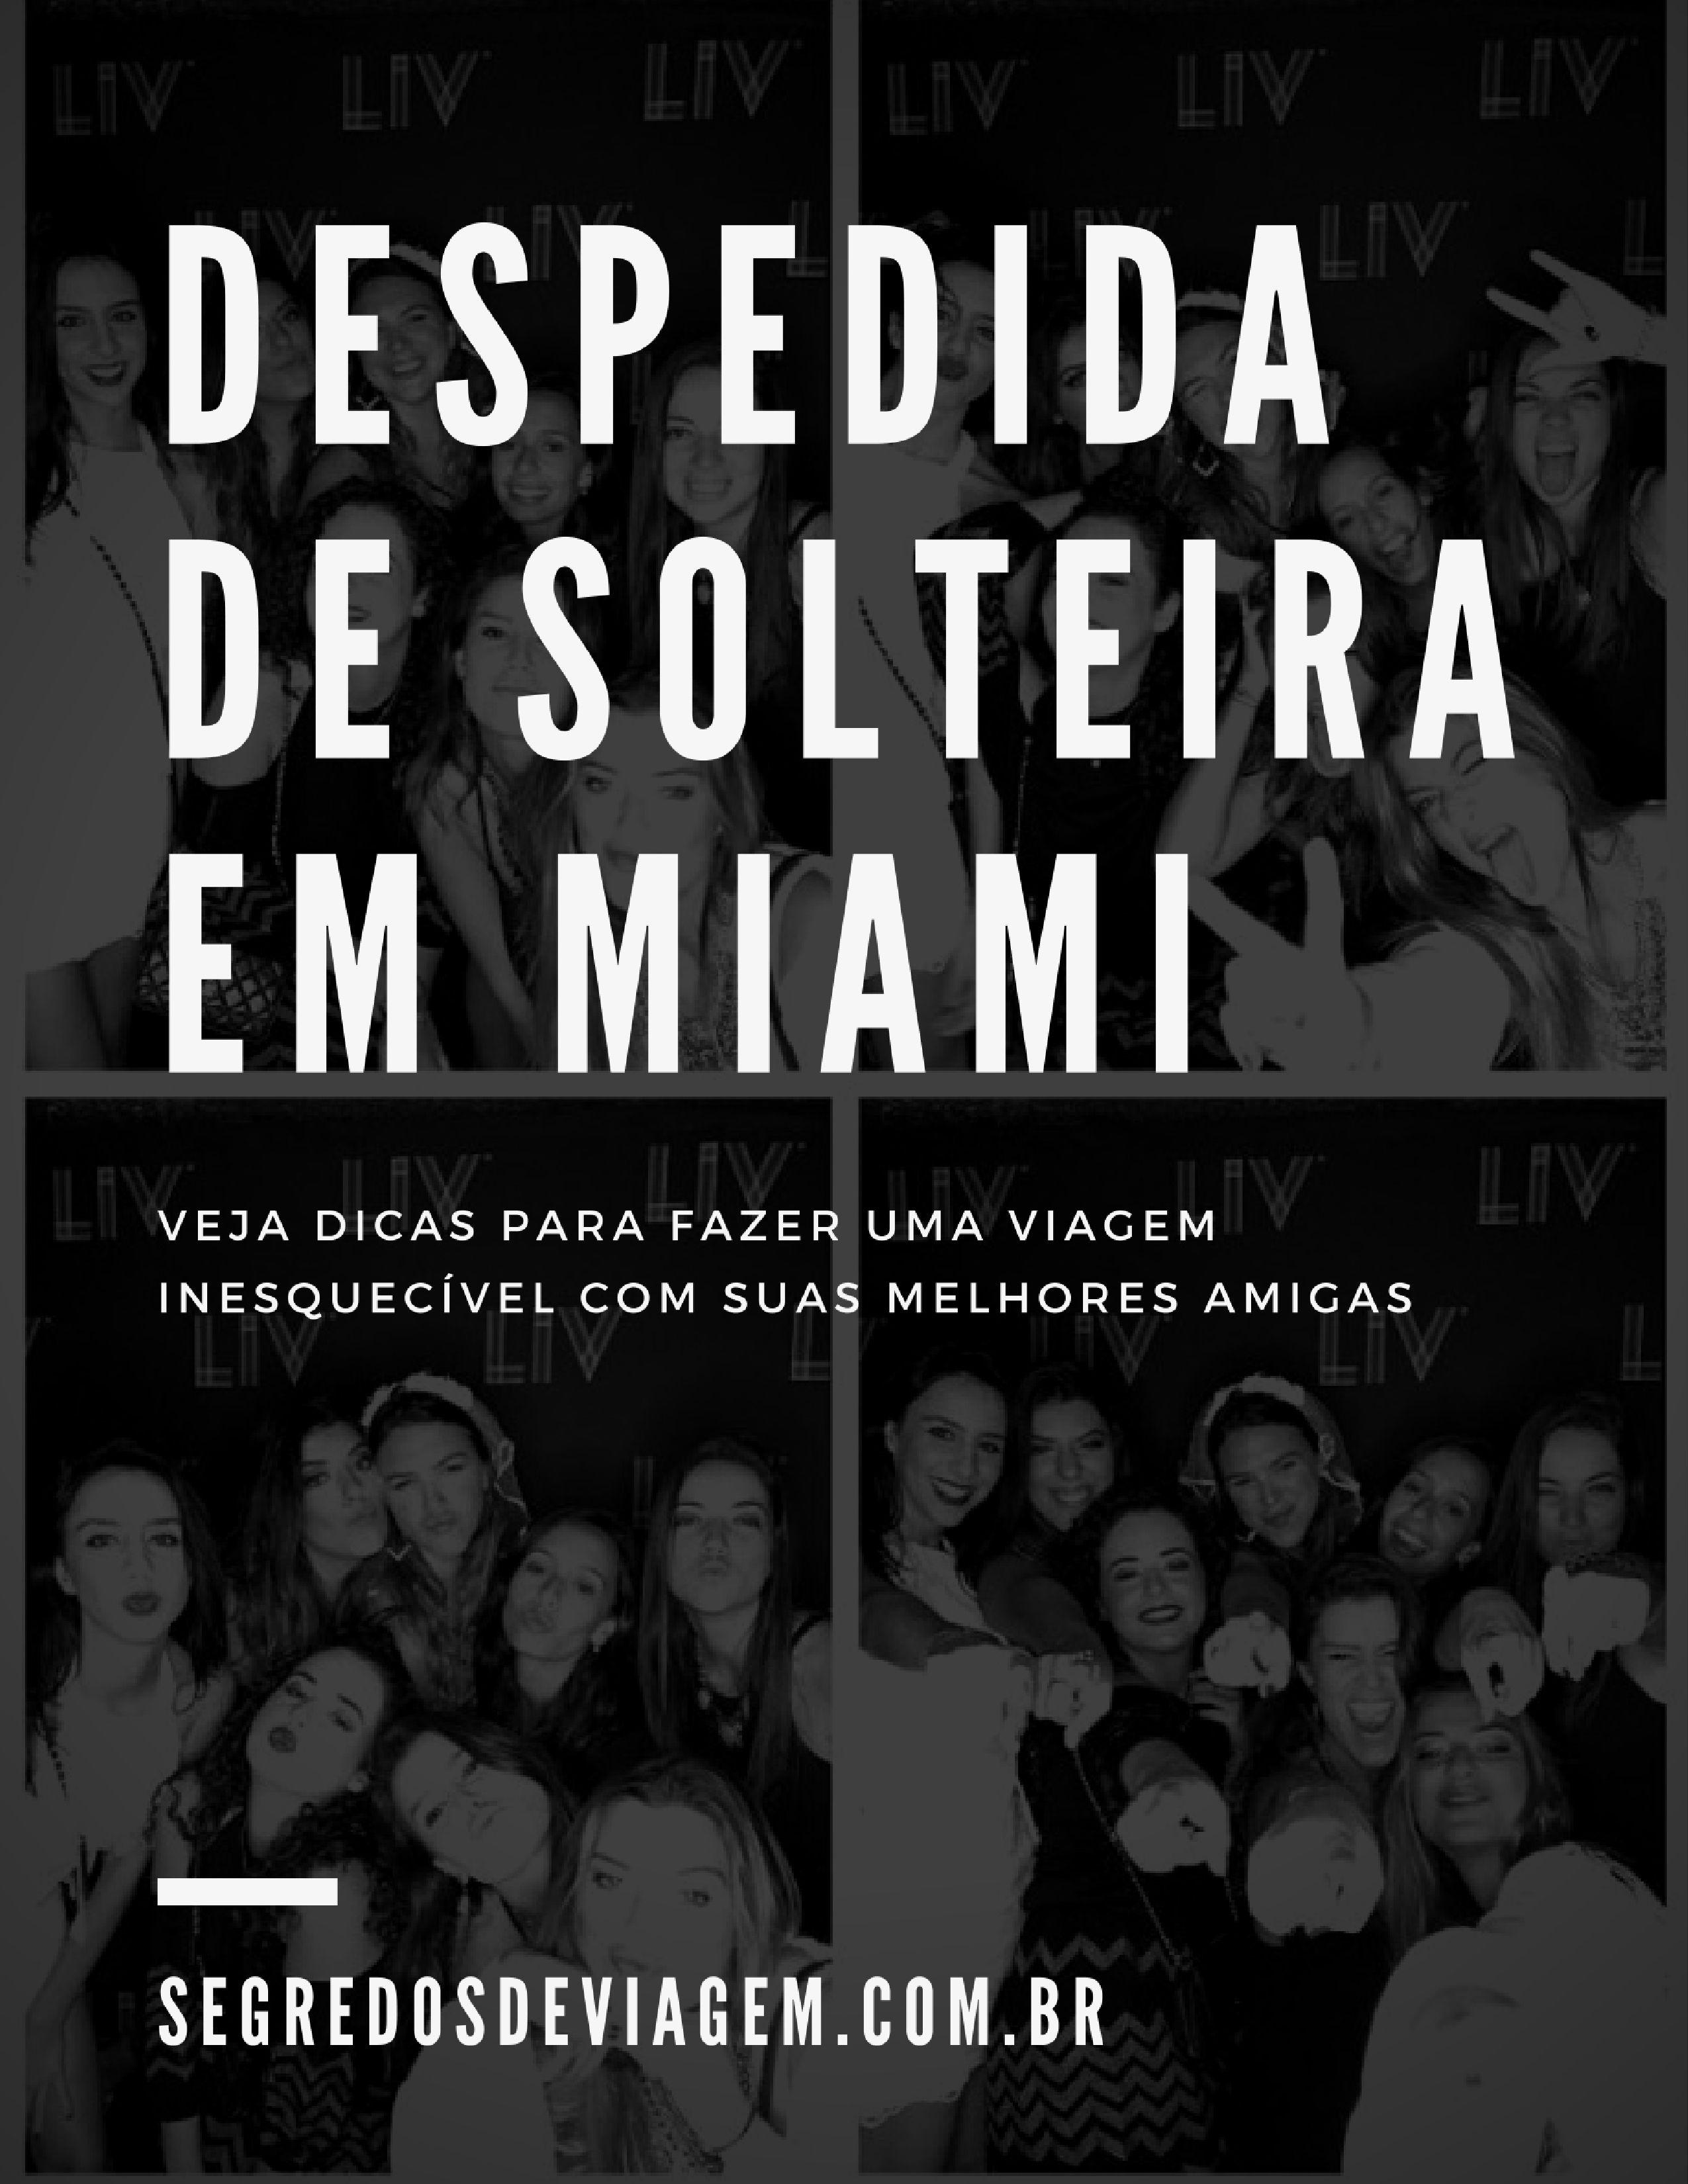 Despedida De Solteira Em Miami Miami Despedida E Viagem